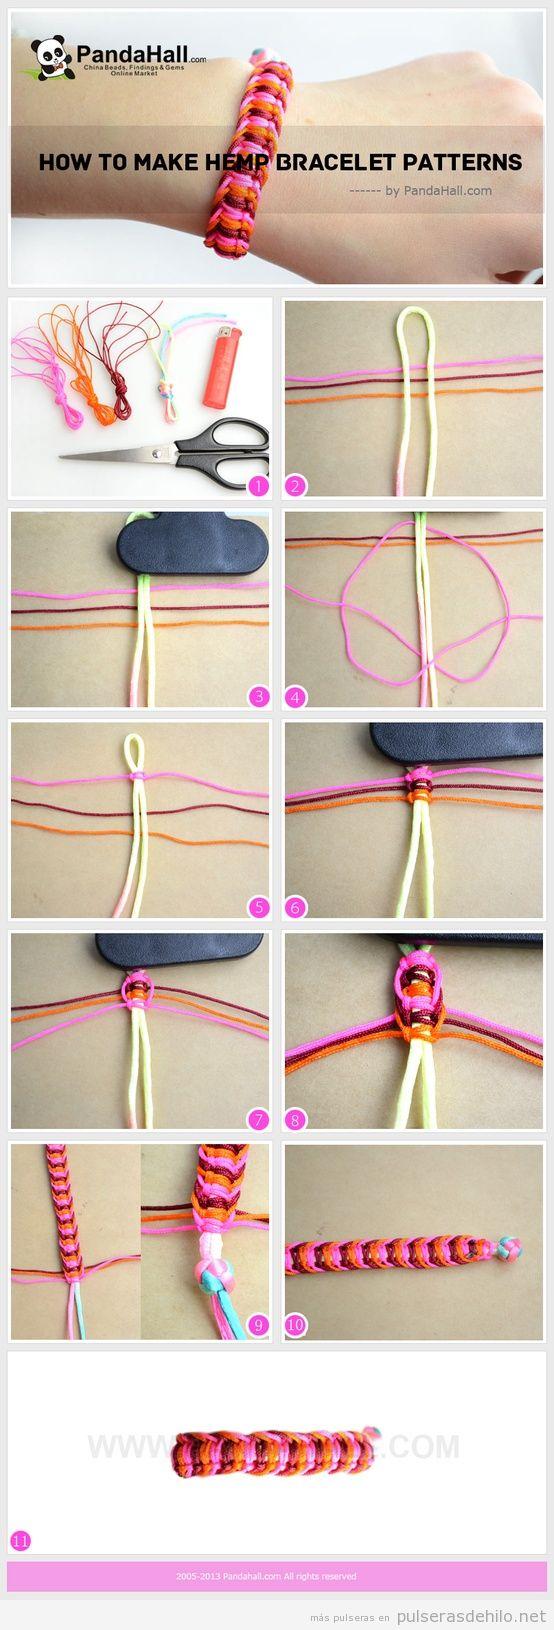 Cómo hacer una pulsera de hilo de cola de ratón e hilo de cáñamo